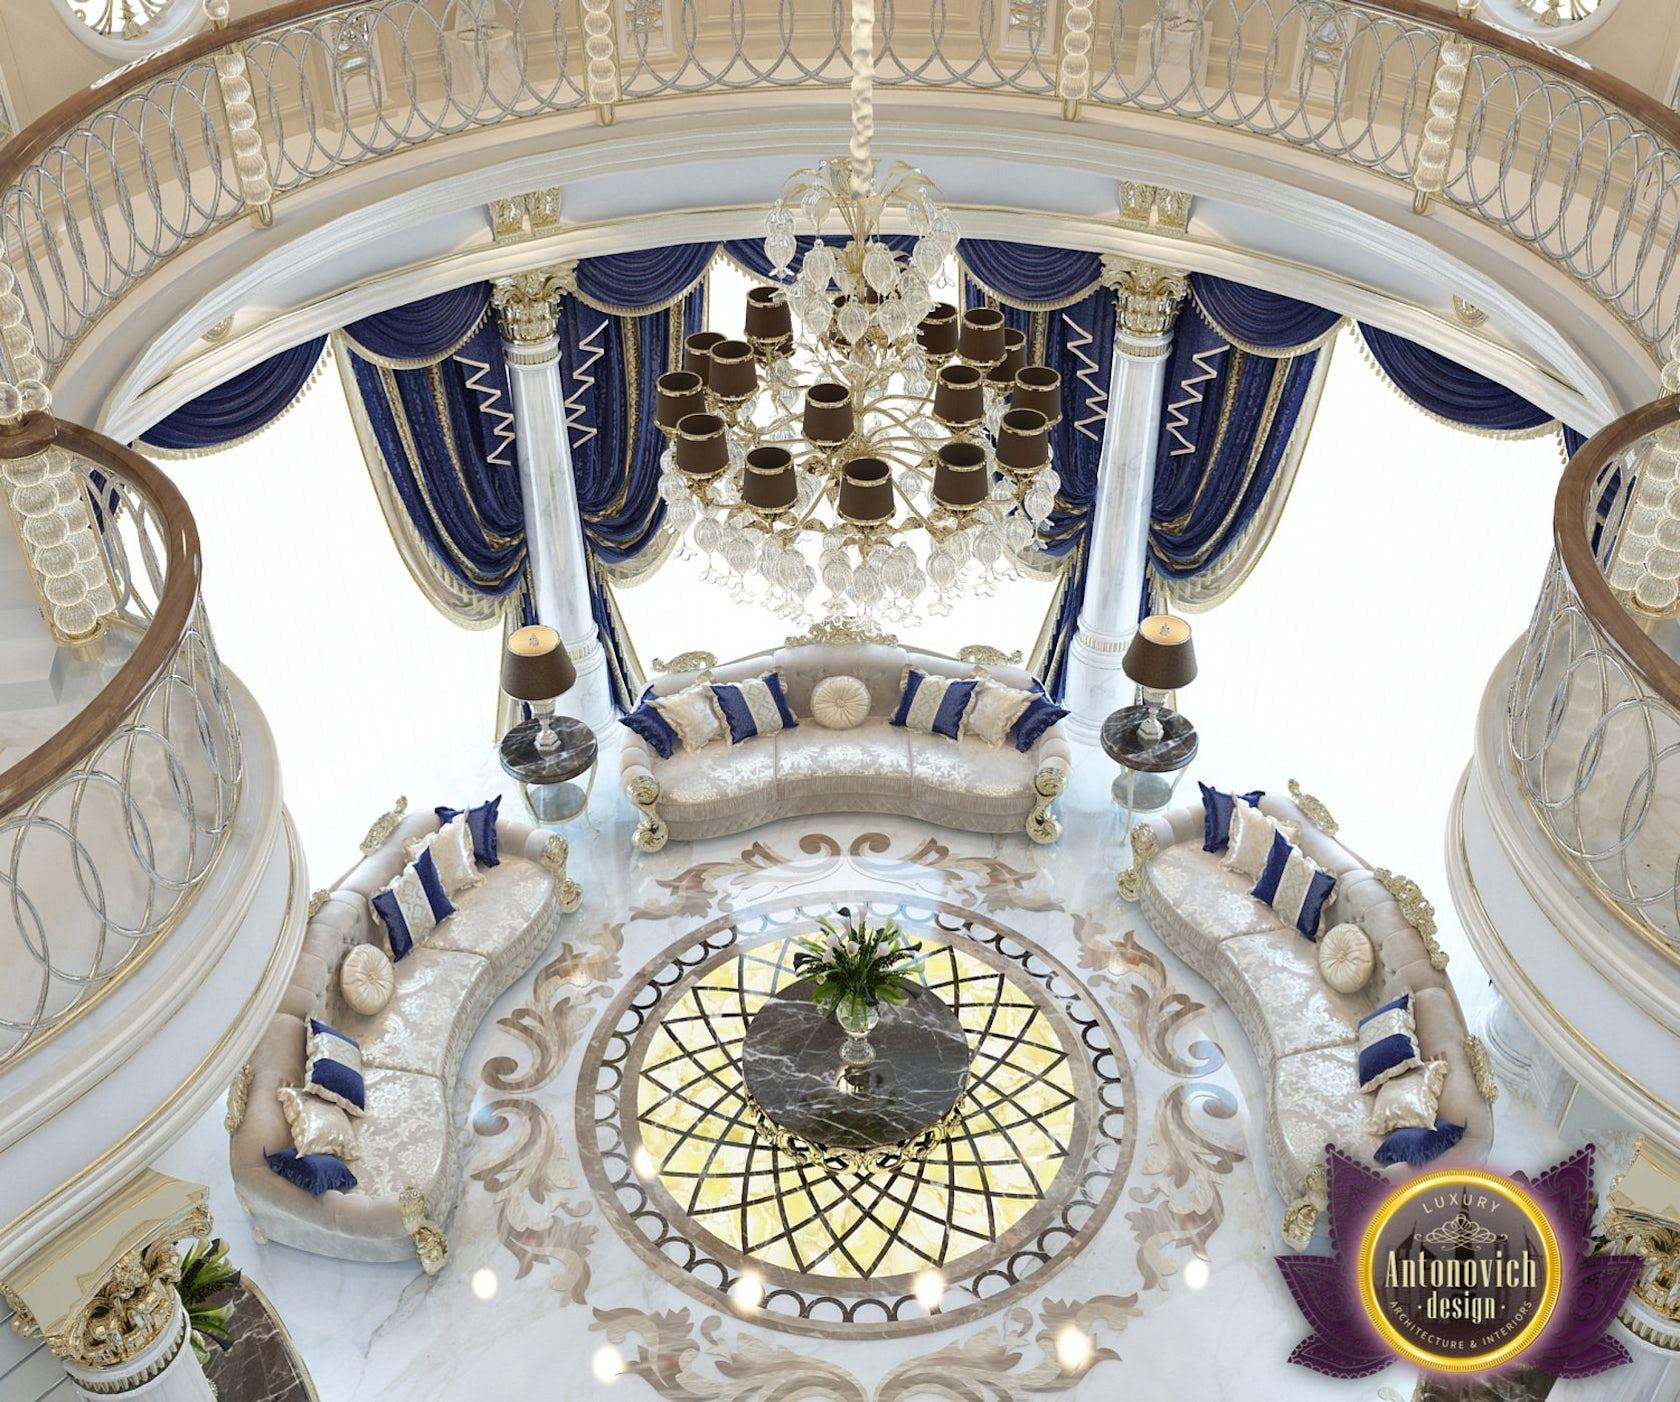 The Best Interior Design In Saudi Arabia By Katrina